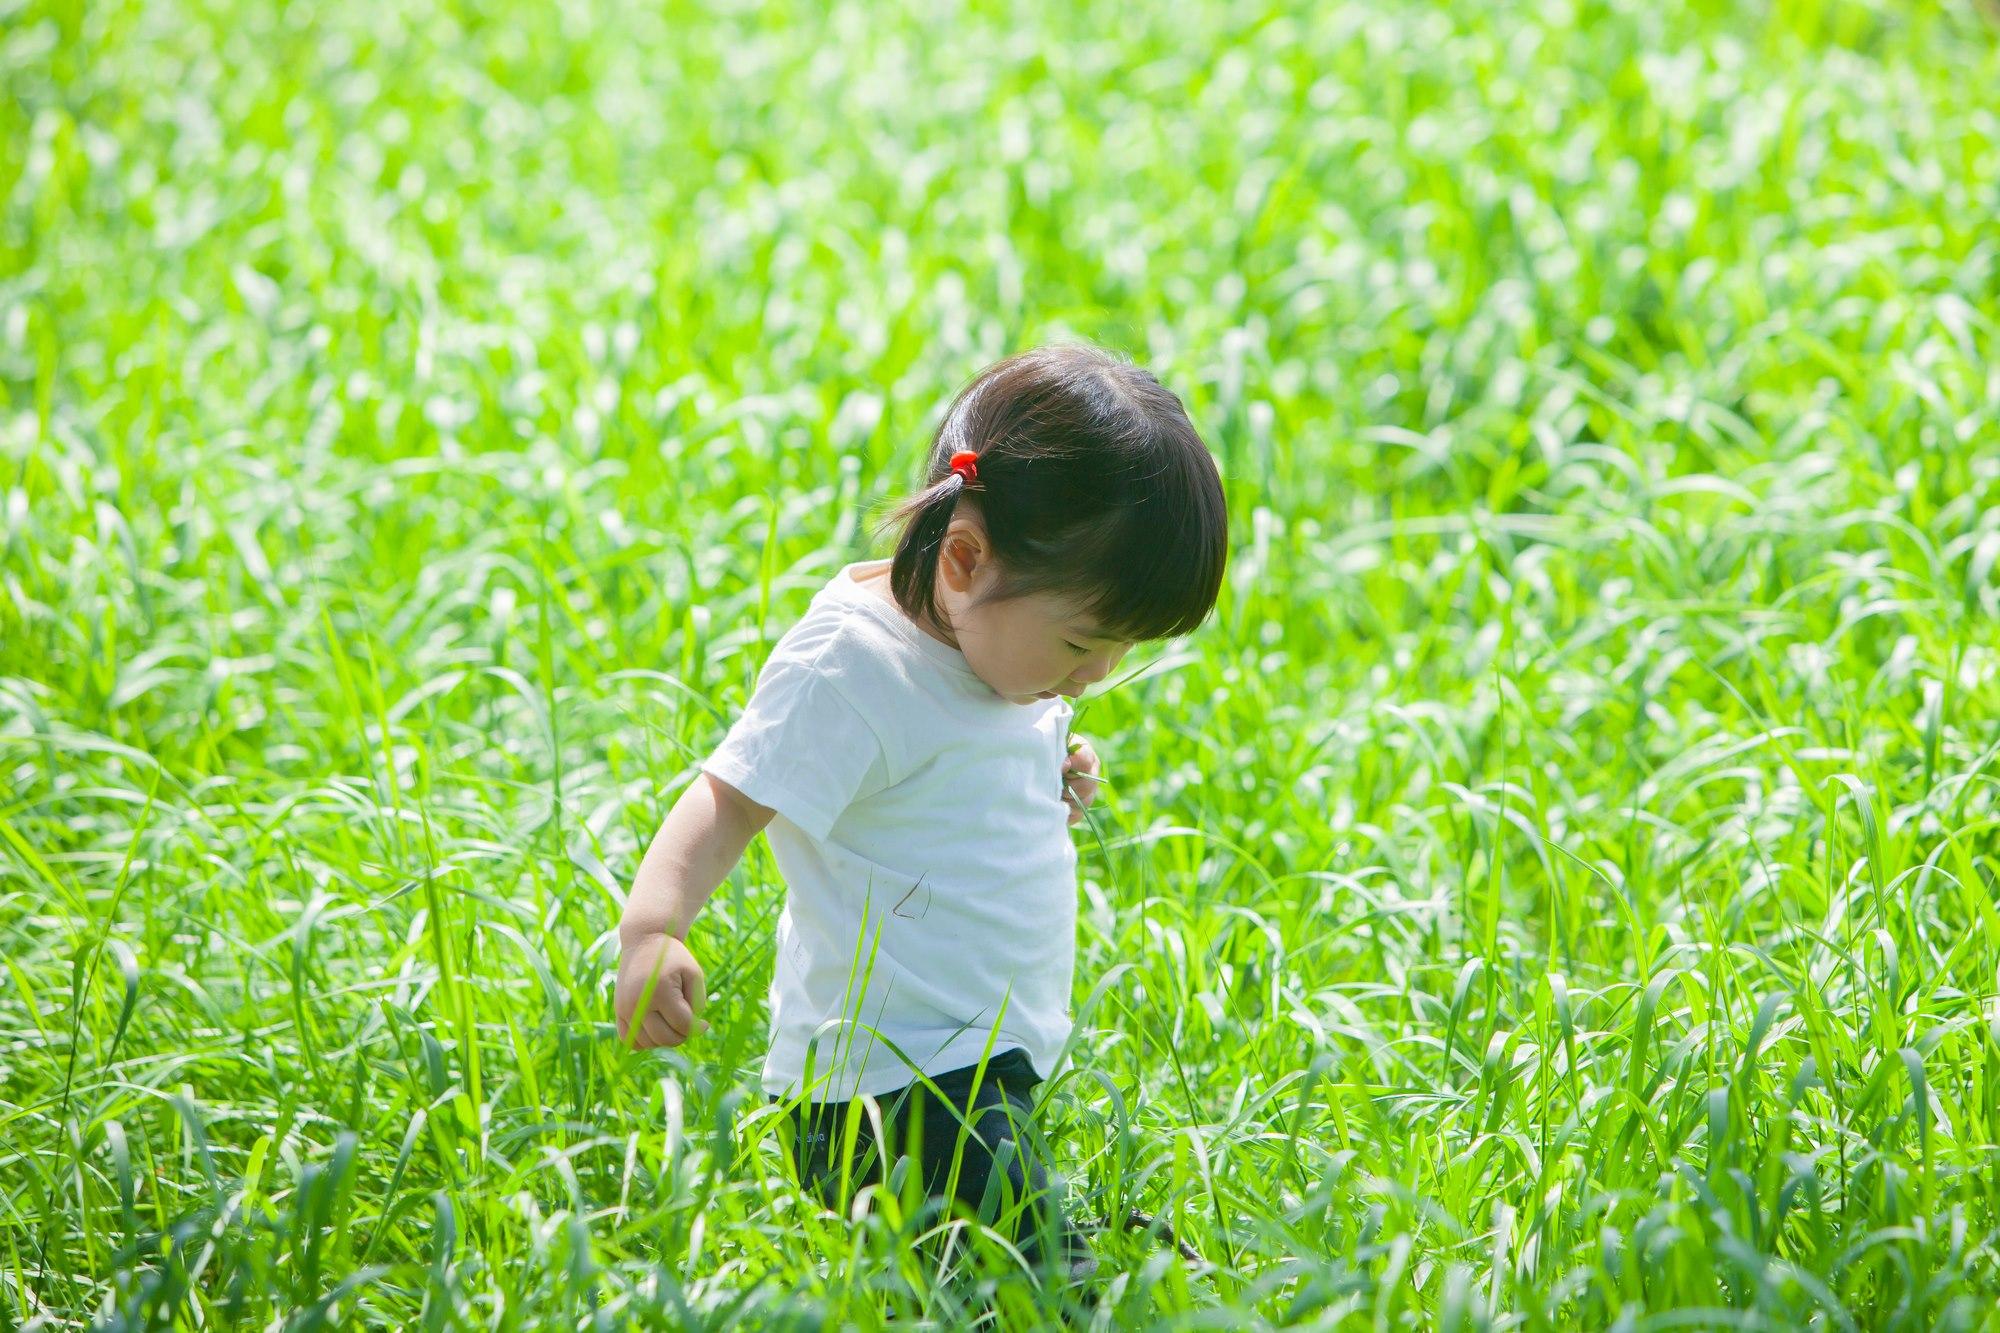 光が丘公園昆虫原っぱにいる子供の写真